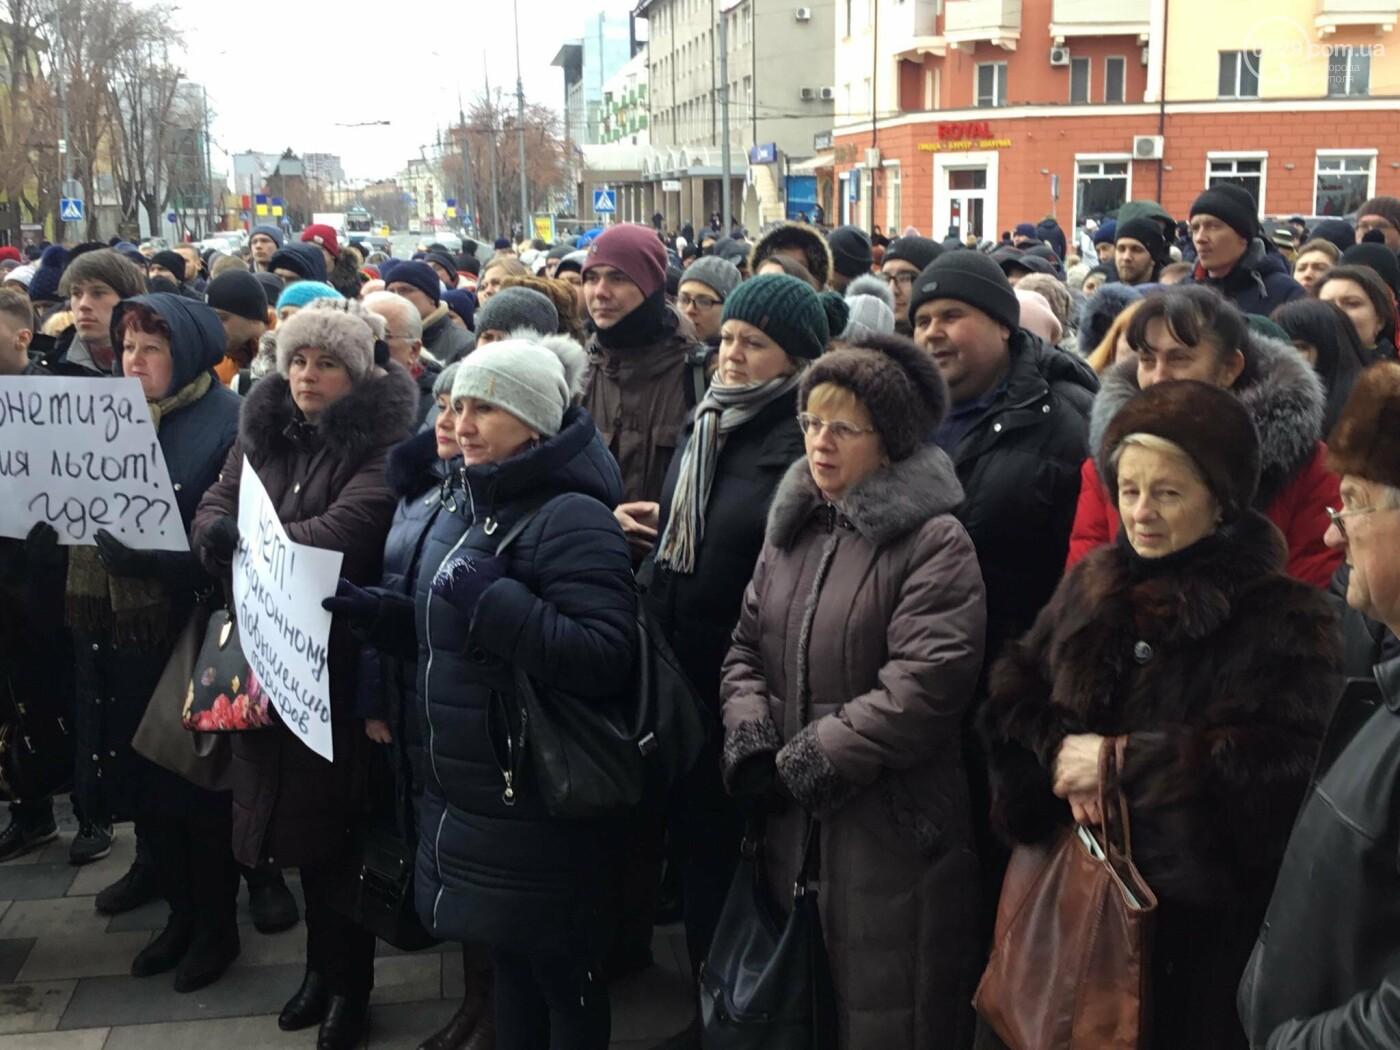 Мариупольцы митингуют против повышения тарифов на проезд, - ФОТО, ВИДЕО, Дополняется, фото-9